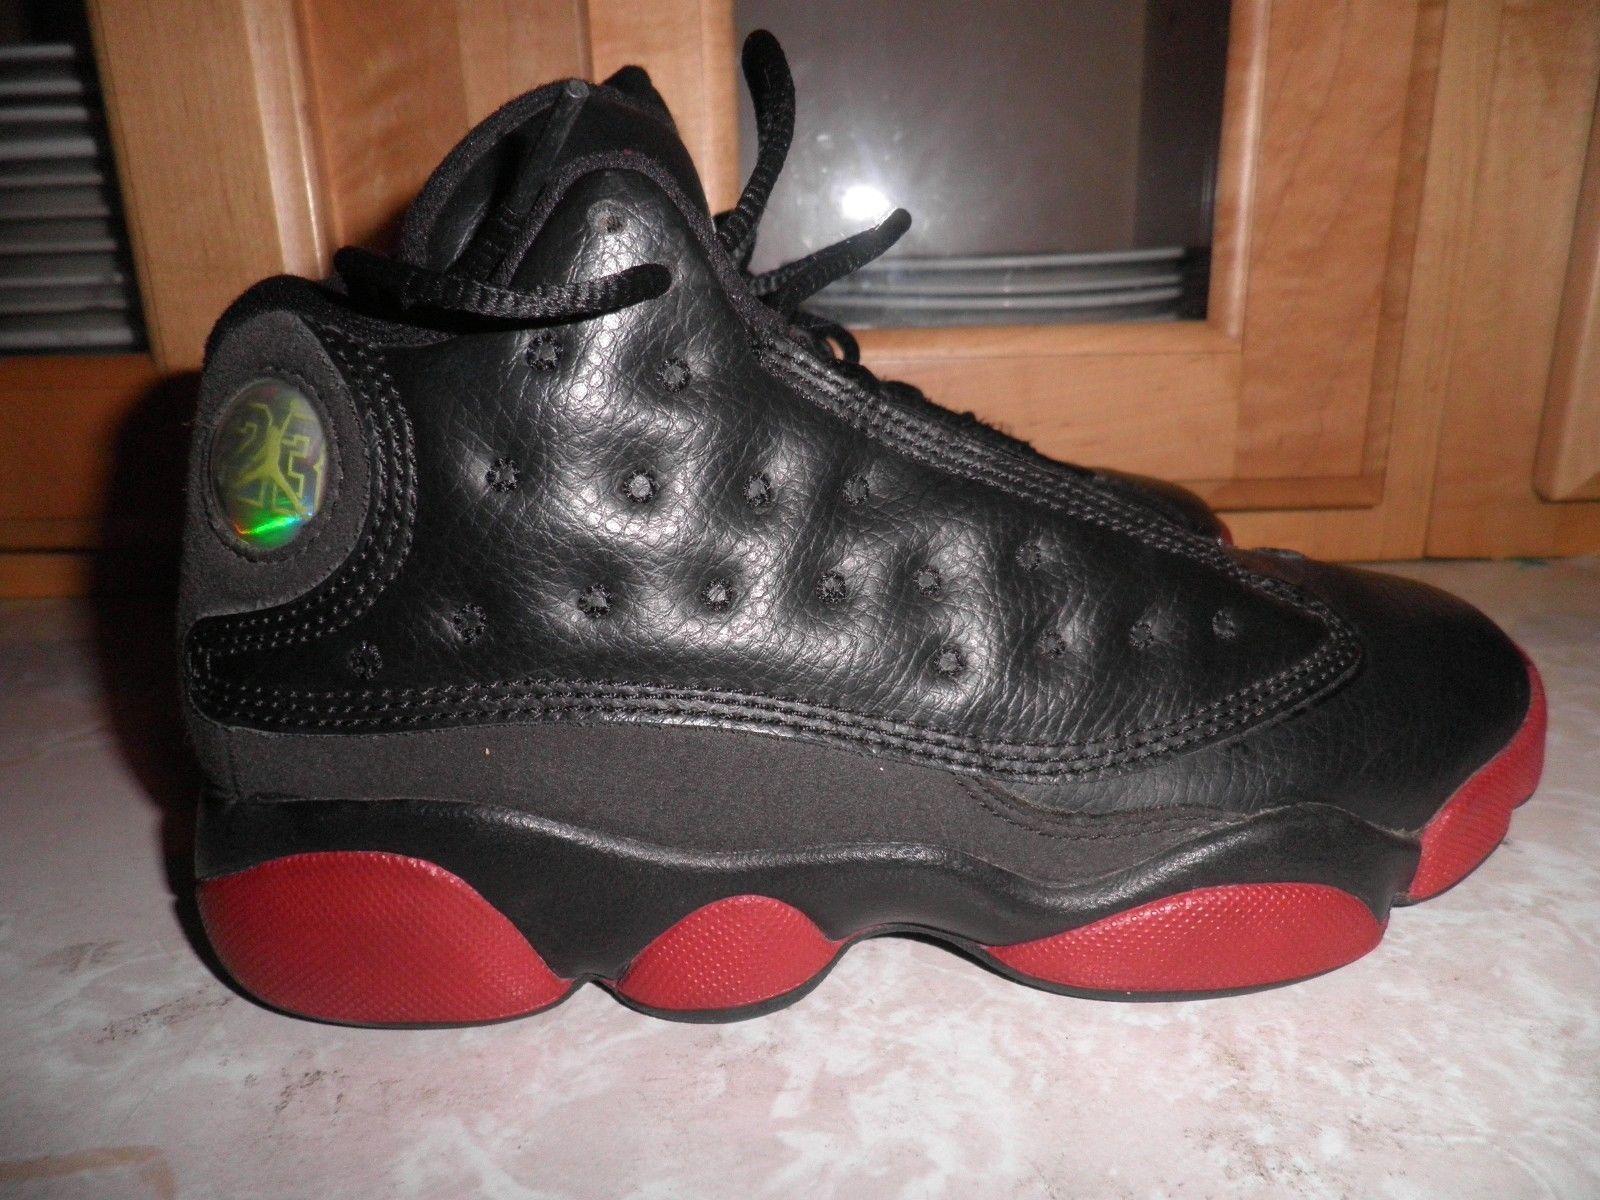 Boys Nike Air Jordan Retro 13 Shoes 414575-003 Size 1.5 Y Black/Red